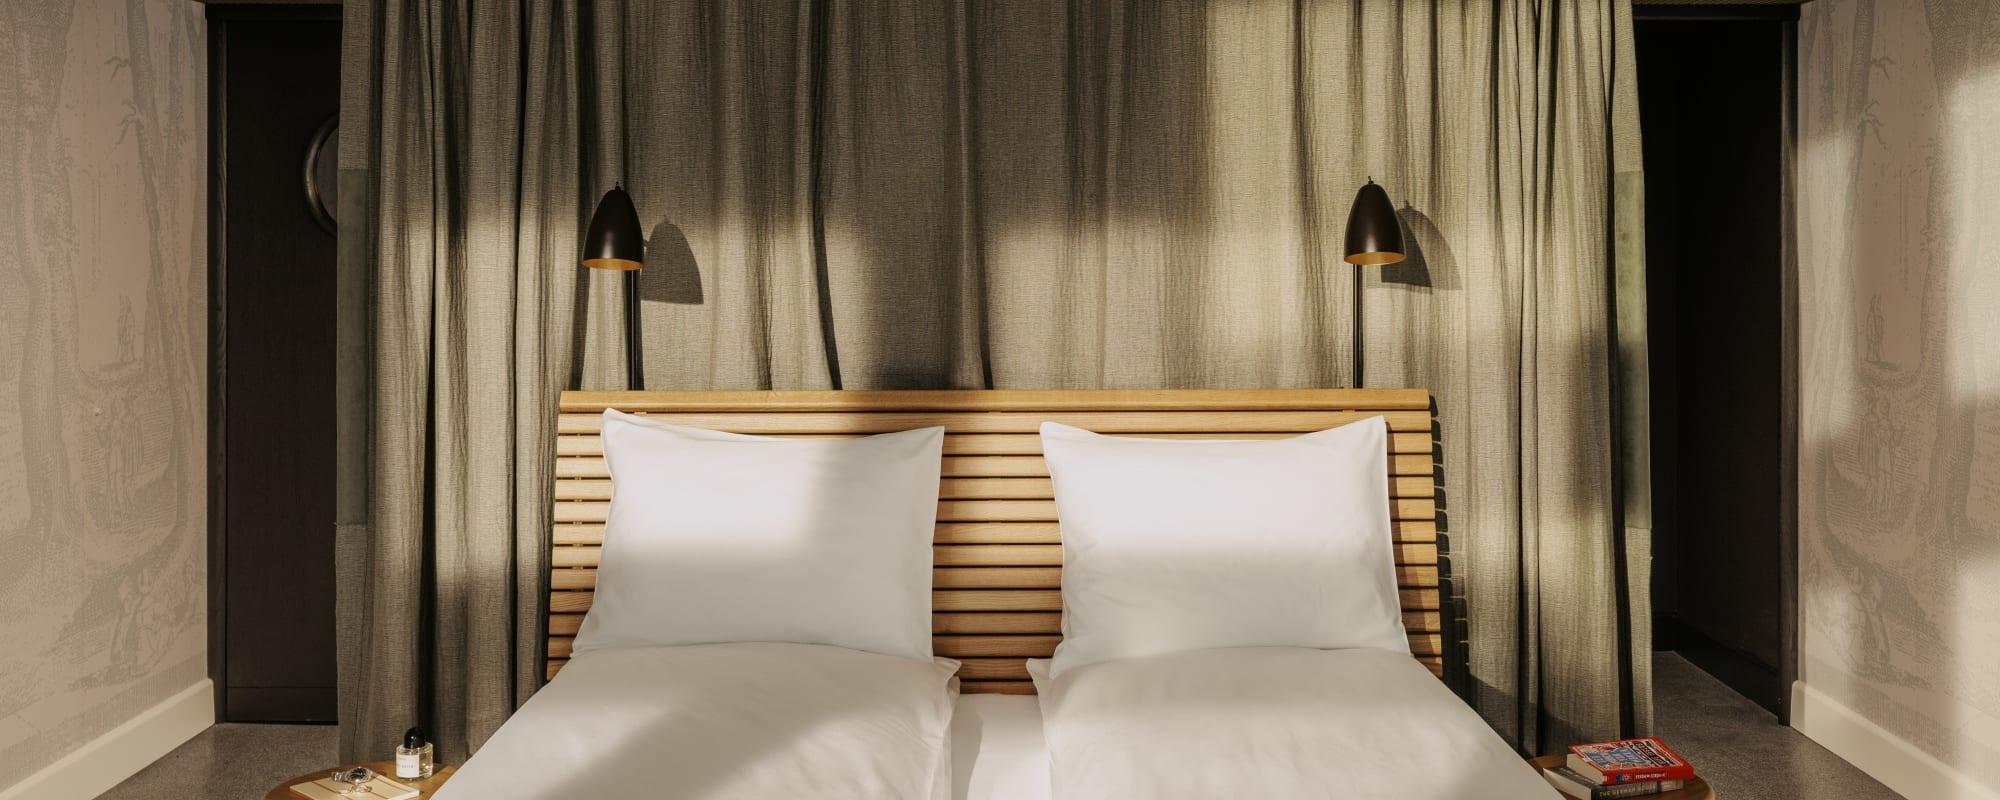 Frontalansicht eines Bettes im Hotelzimmer, dahinter ein blassgrüner Vorhang.